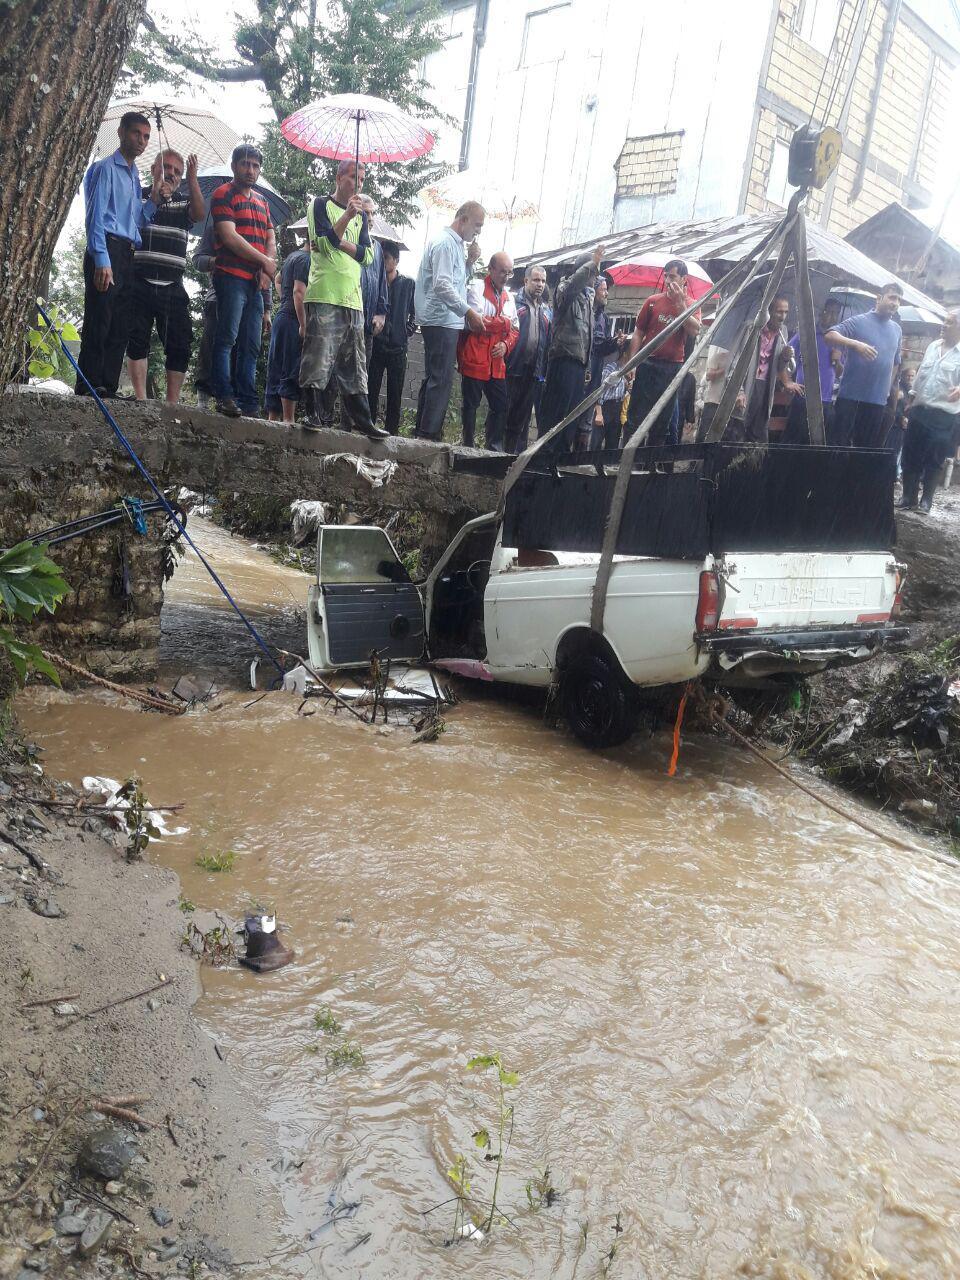 سقوط 2 خودرو به رودخانه و اسکان 120 خانوار مسافر در لاهیجان